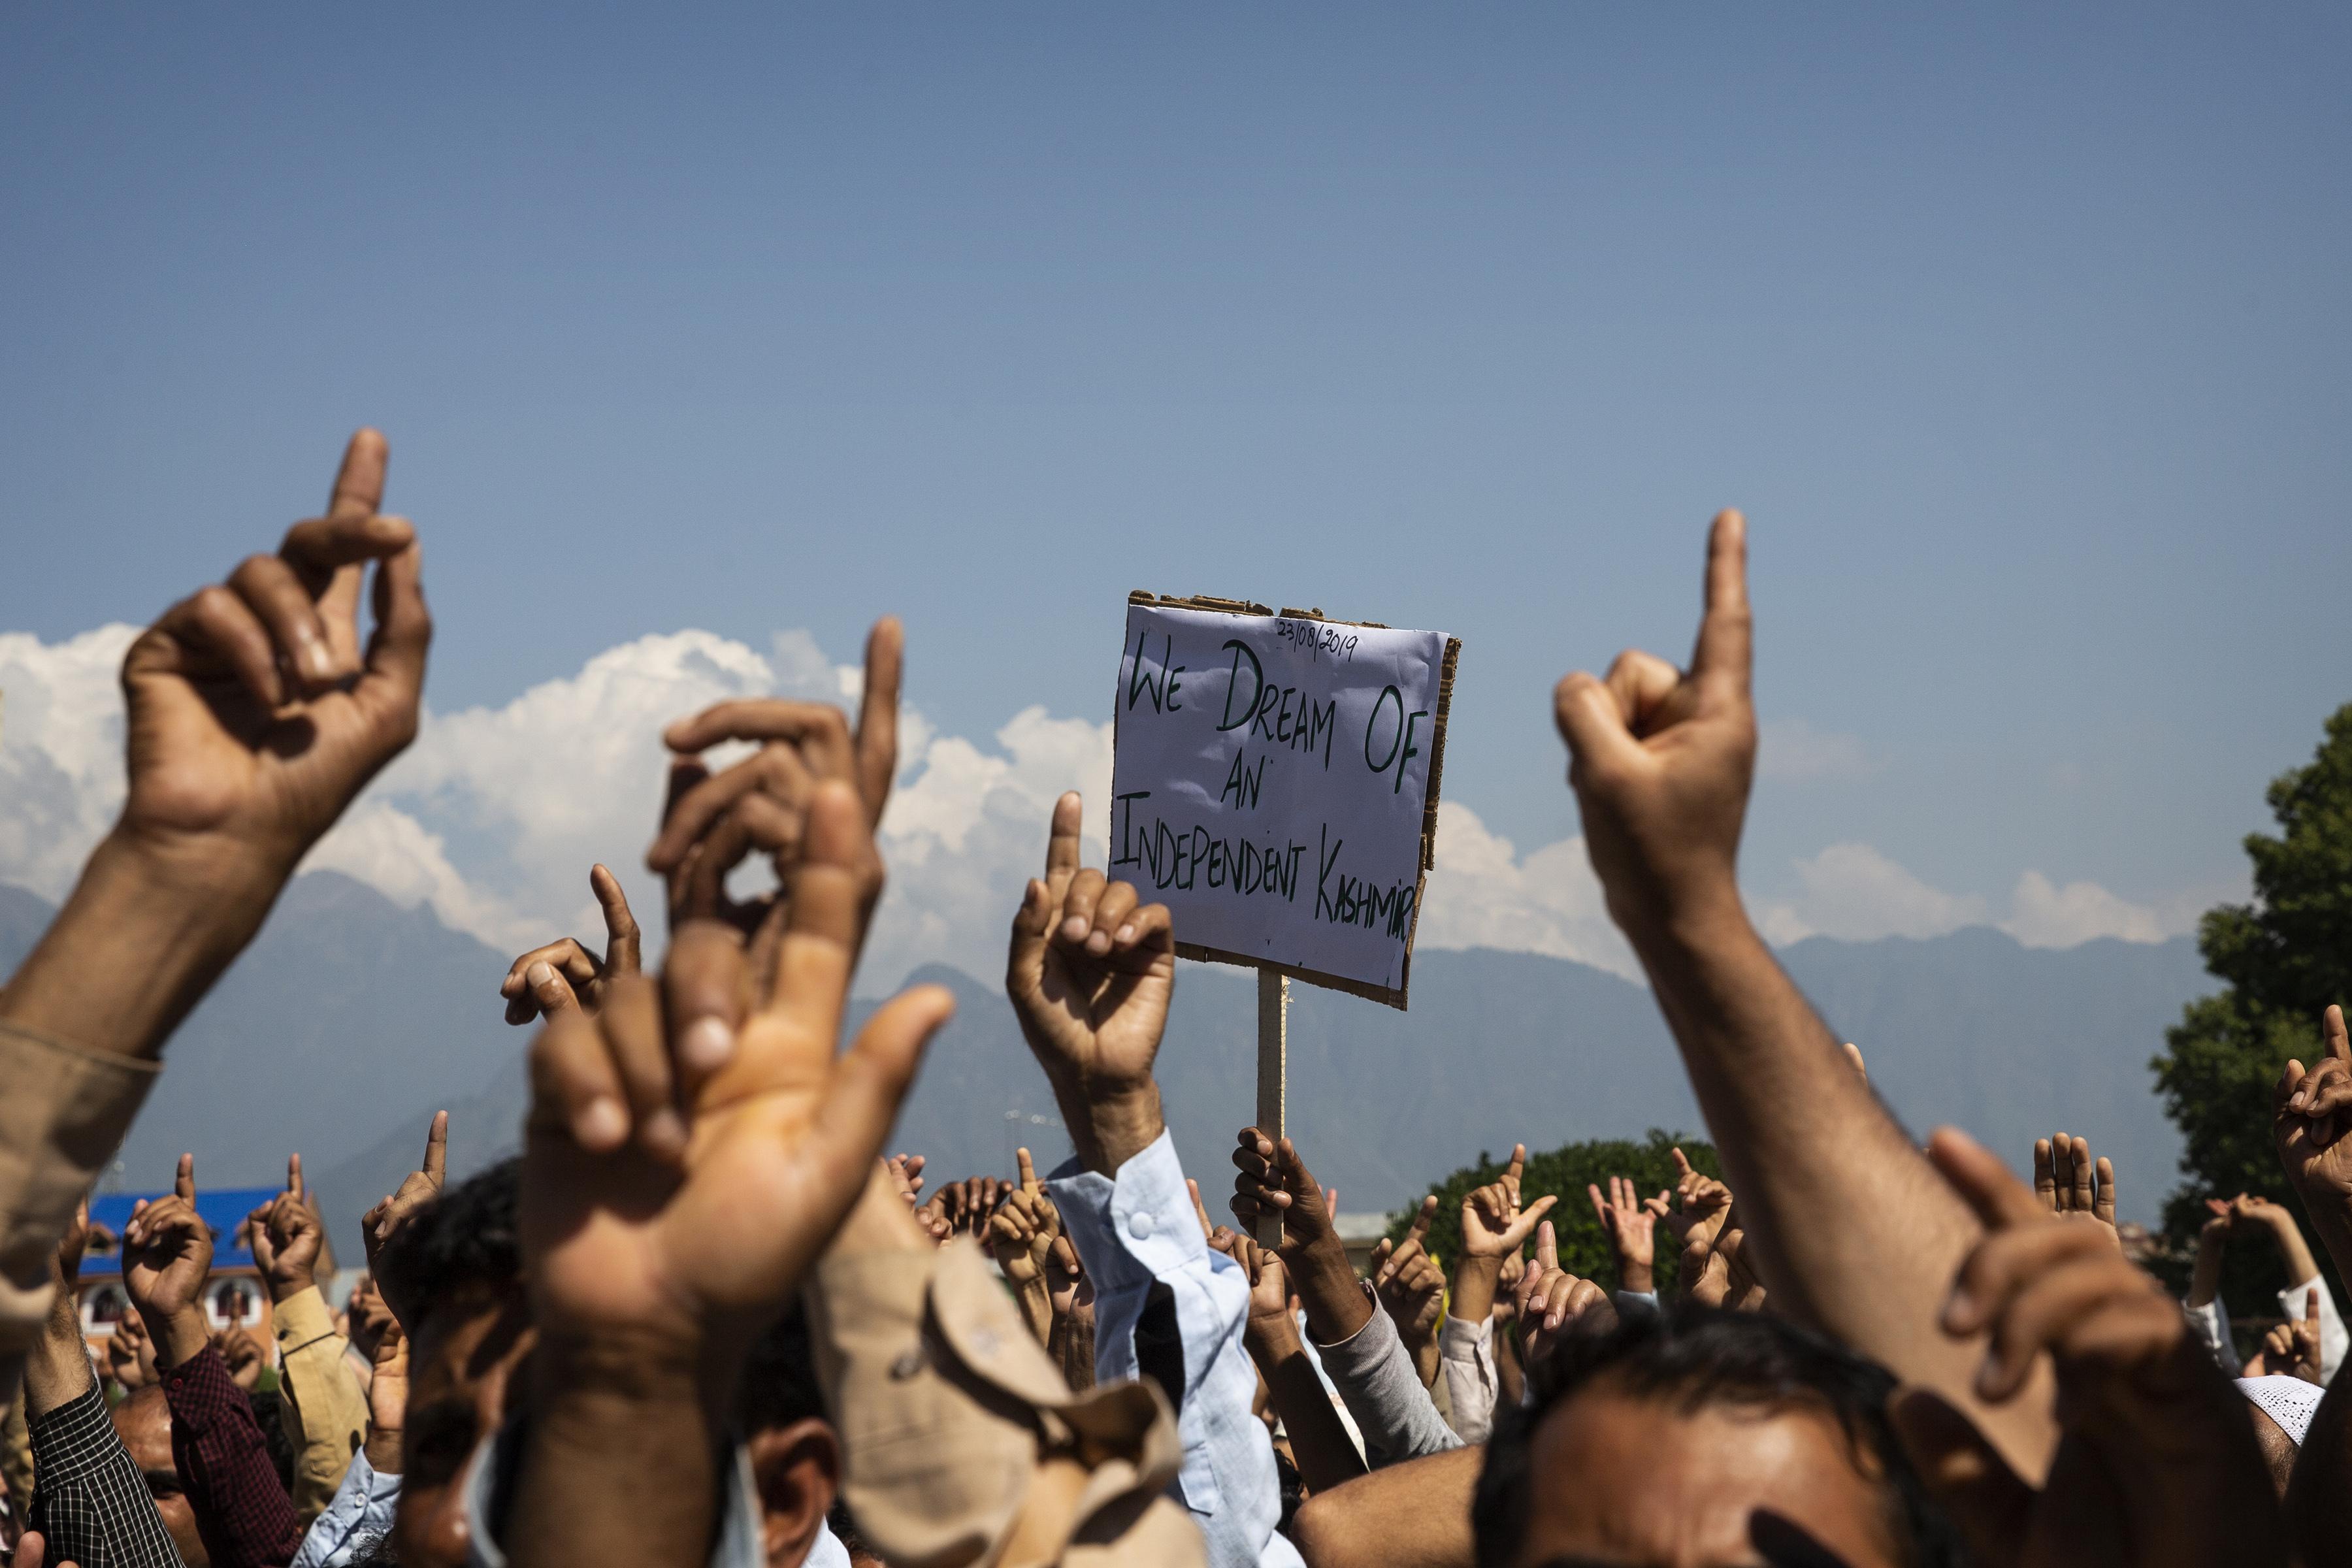 Los hombres de Cachemira gritan consignas de libertad durante una protesta contra el control de Nueva Delhi sobre la región en disputa, después de las oraciones del viernes en las afueras de Srinagar, Cachemira controlada por los indios, el 23 de agosto de 2019. (Foto AP / Dar Yasin)